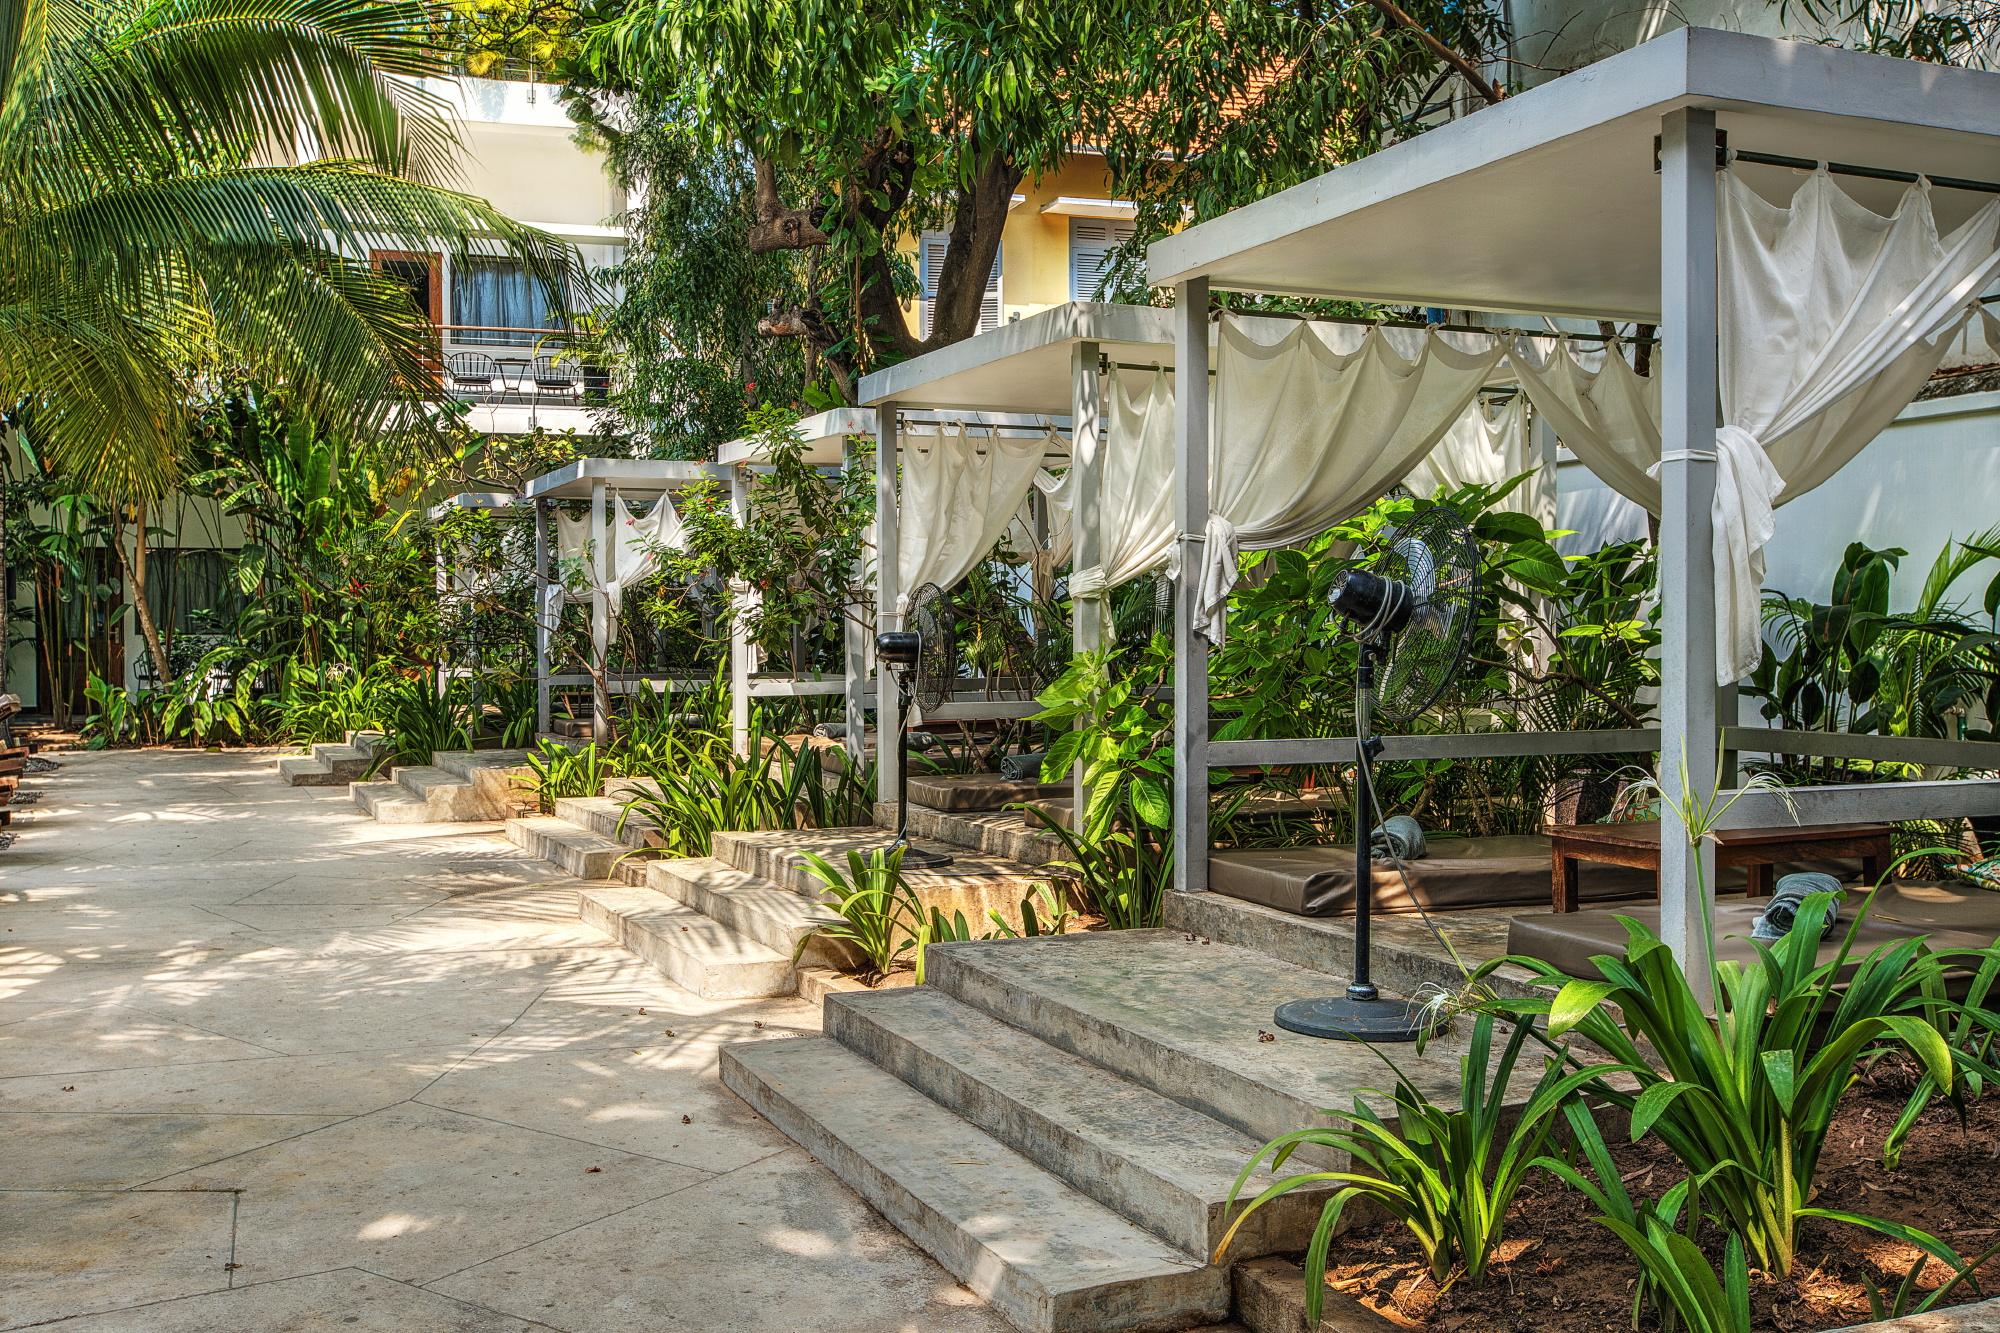 cambodia_gorov-0297_298_299_300_301R